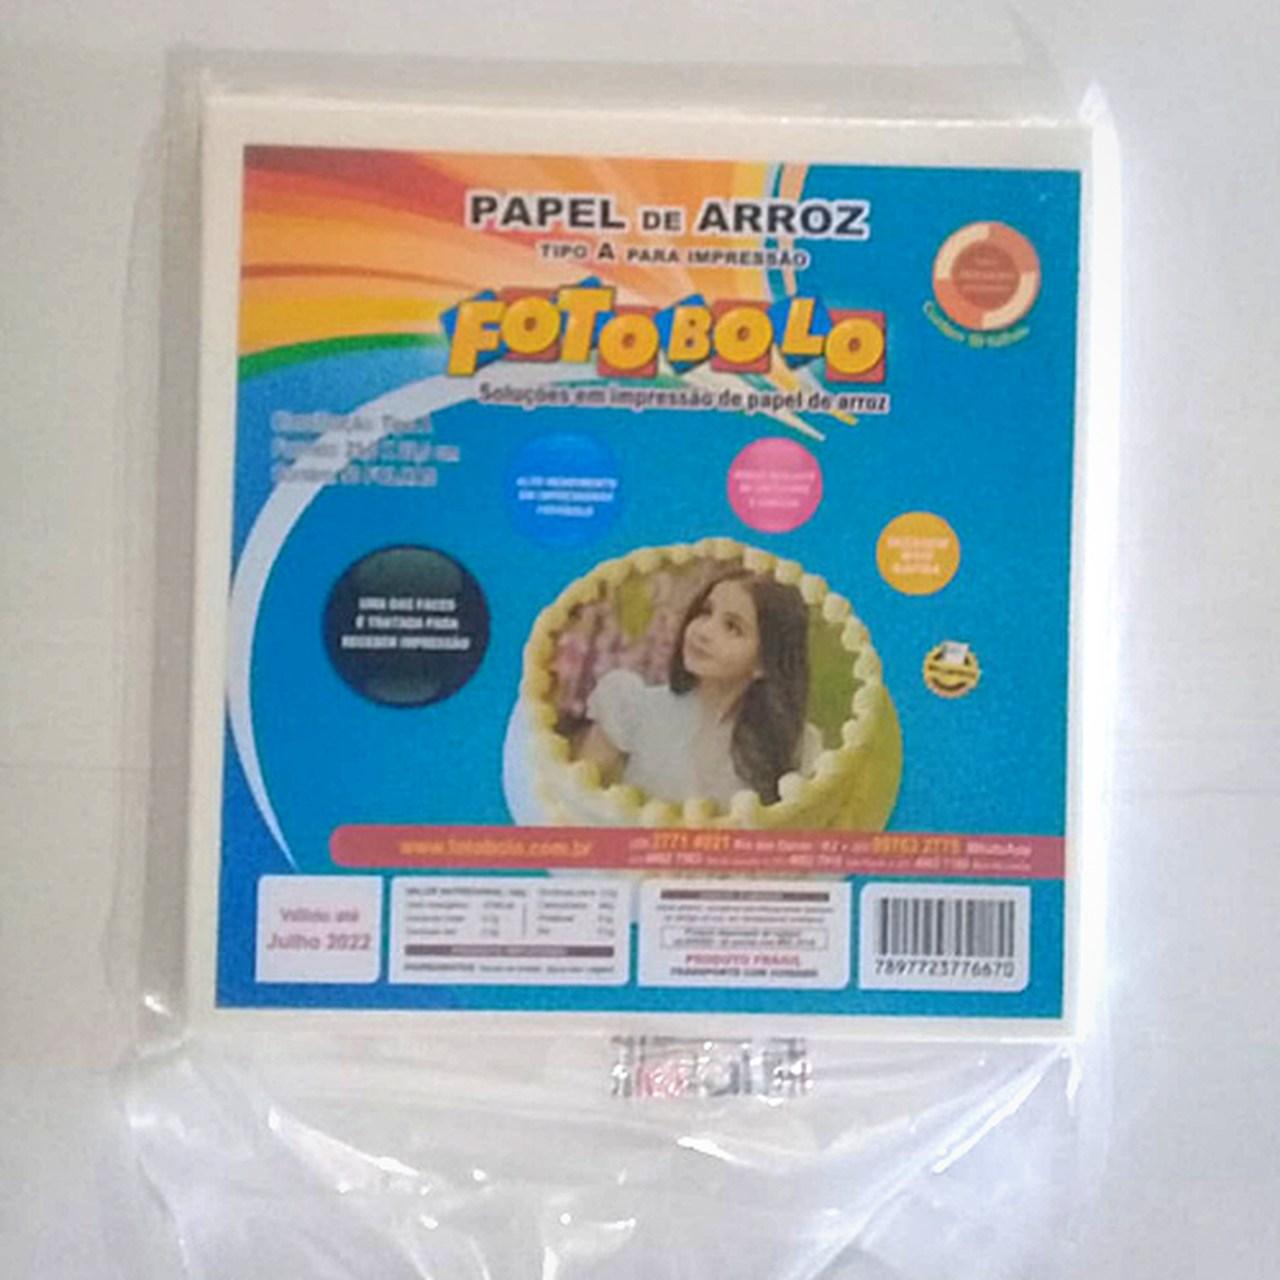 Papel Arroz Fotobolo- tipo A p/ Bolos Redondos e Tortas 21x22 cm - 50 folhas - Embalado a vácuo